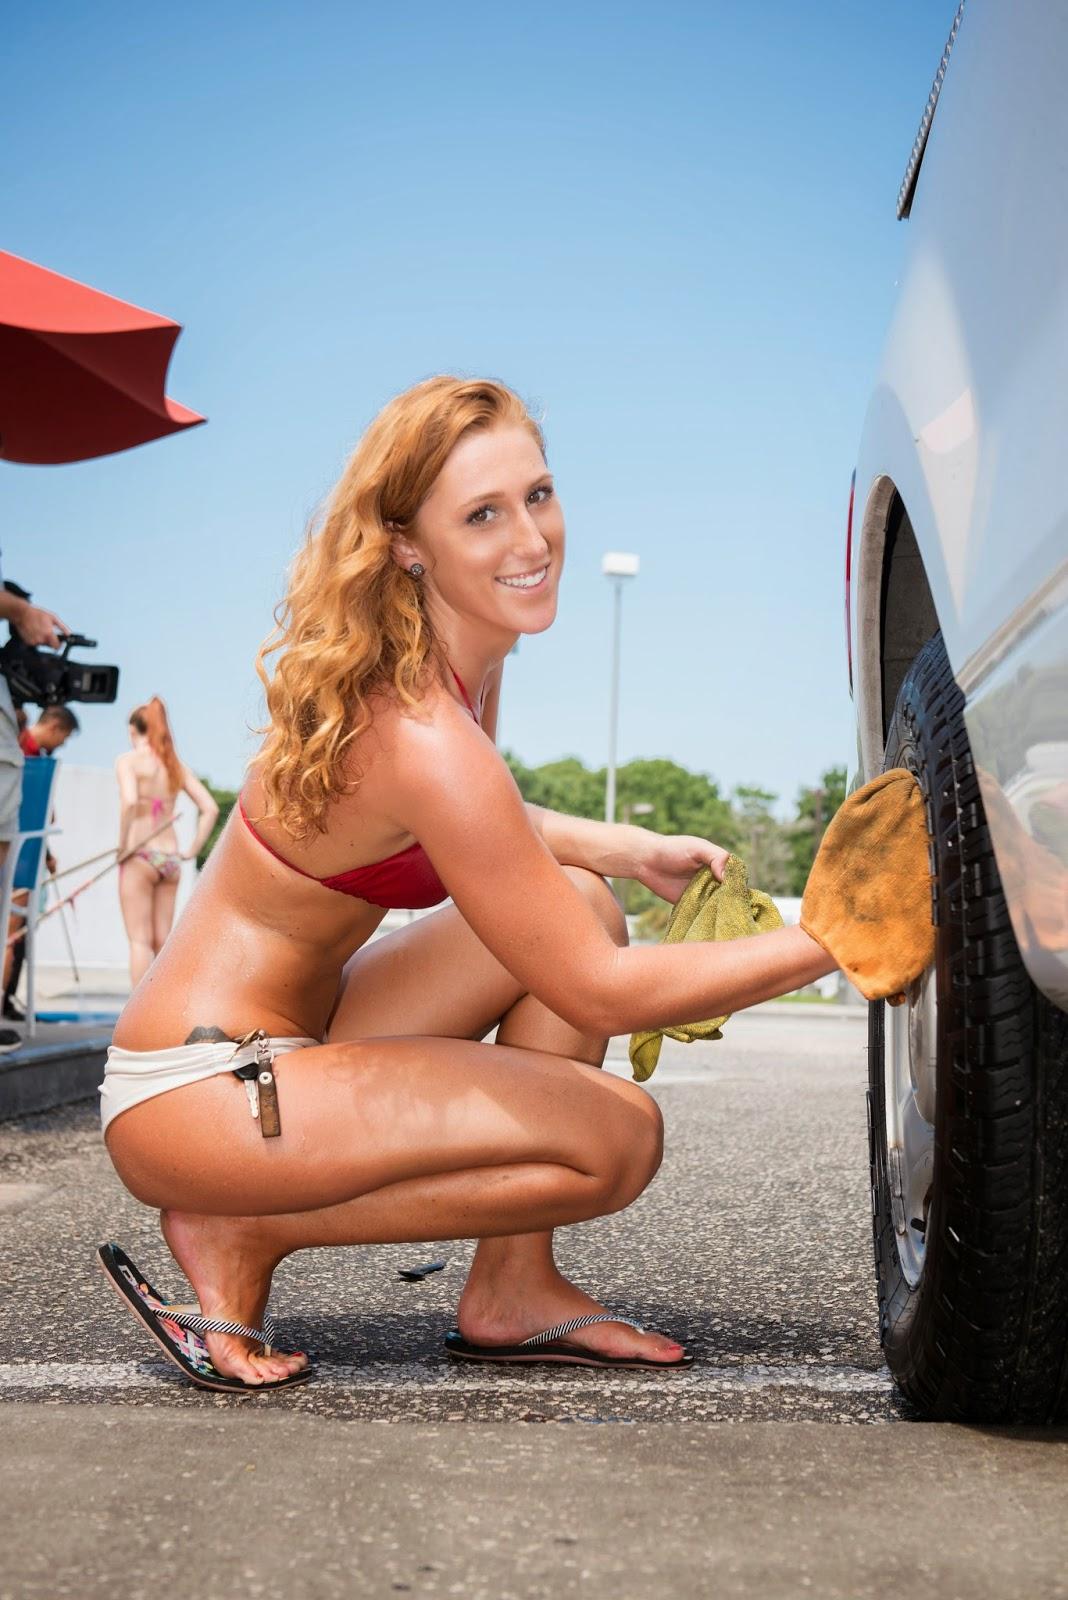 Orlando bikini car wash